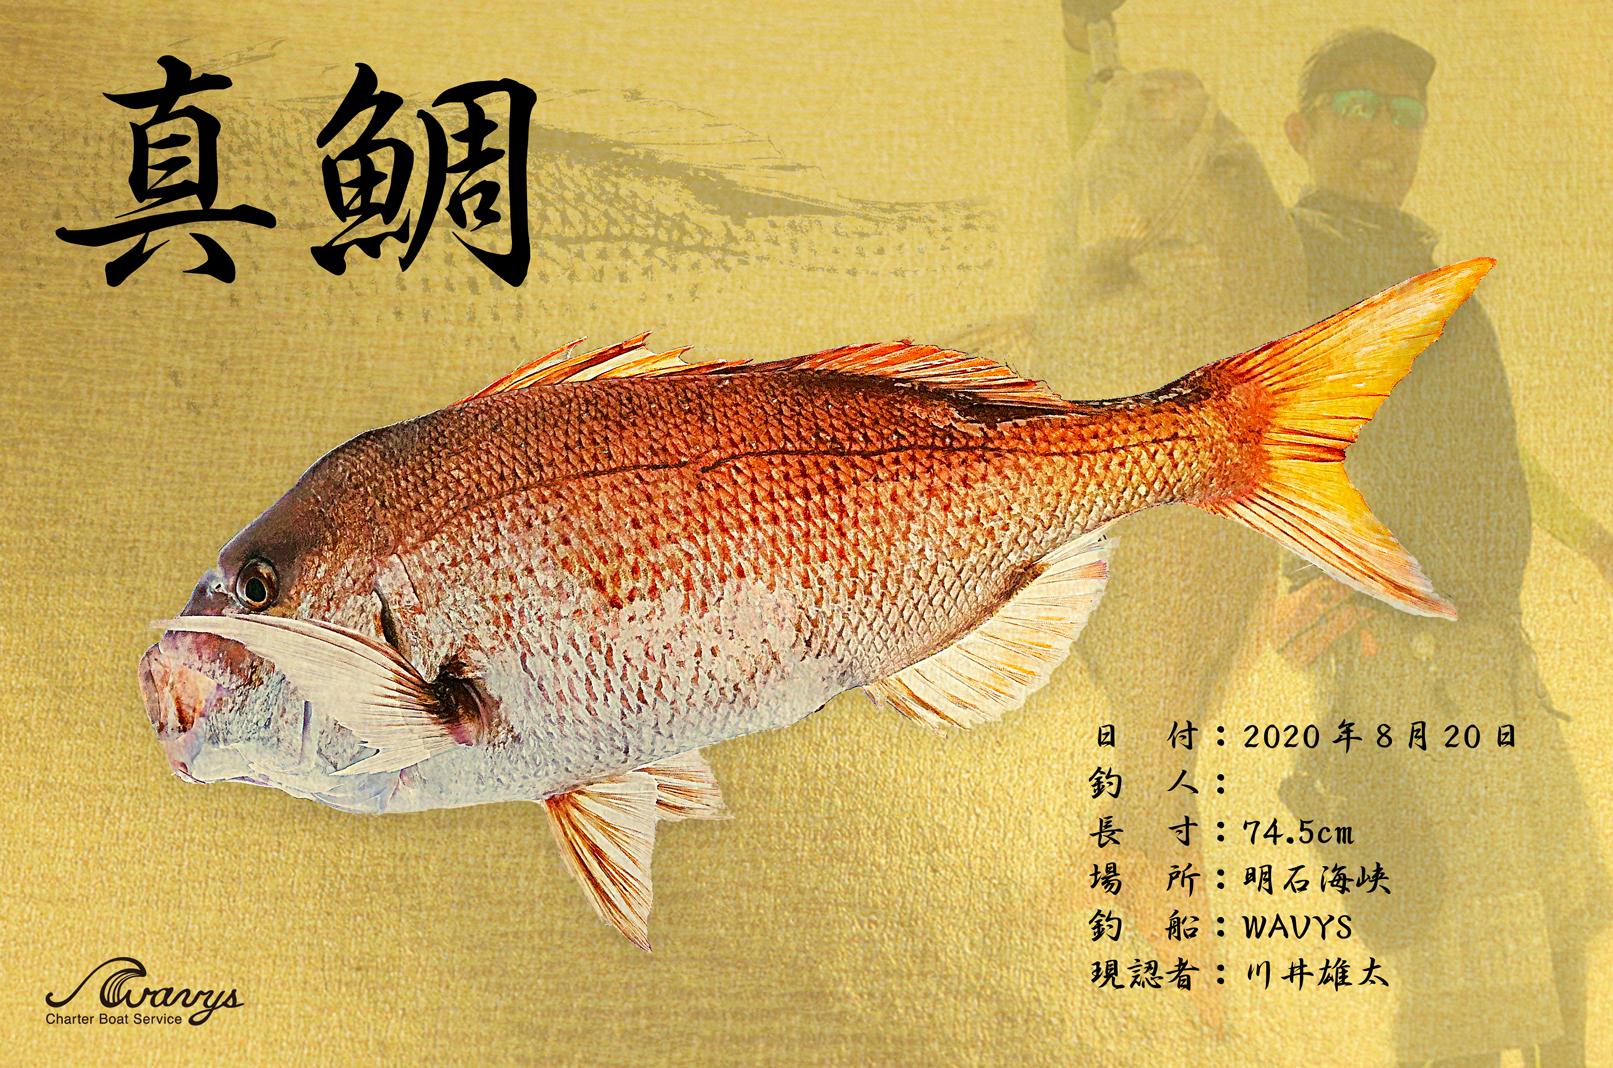 デジタル魚拓サービスはじめます